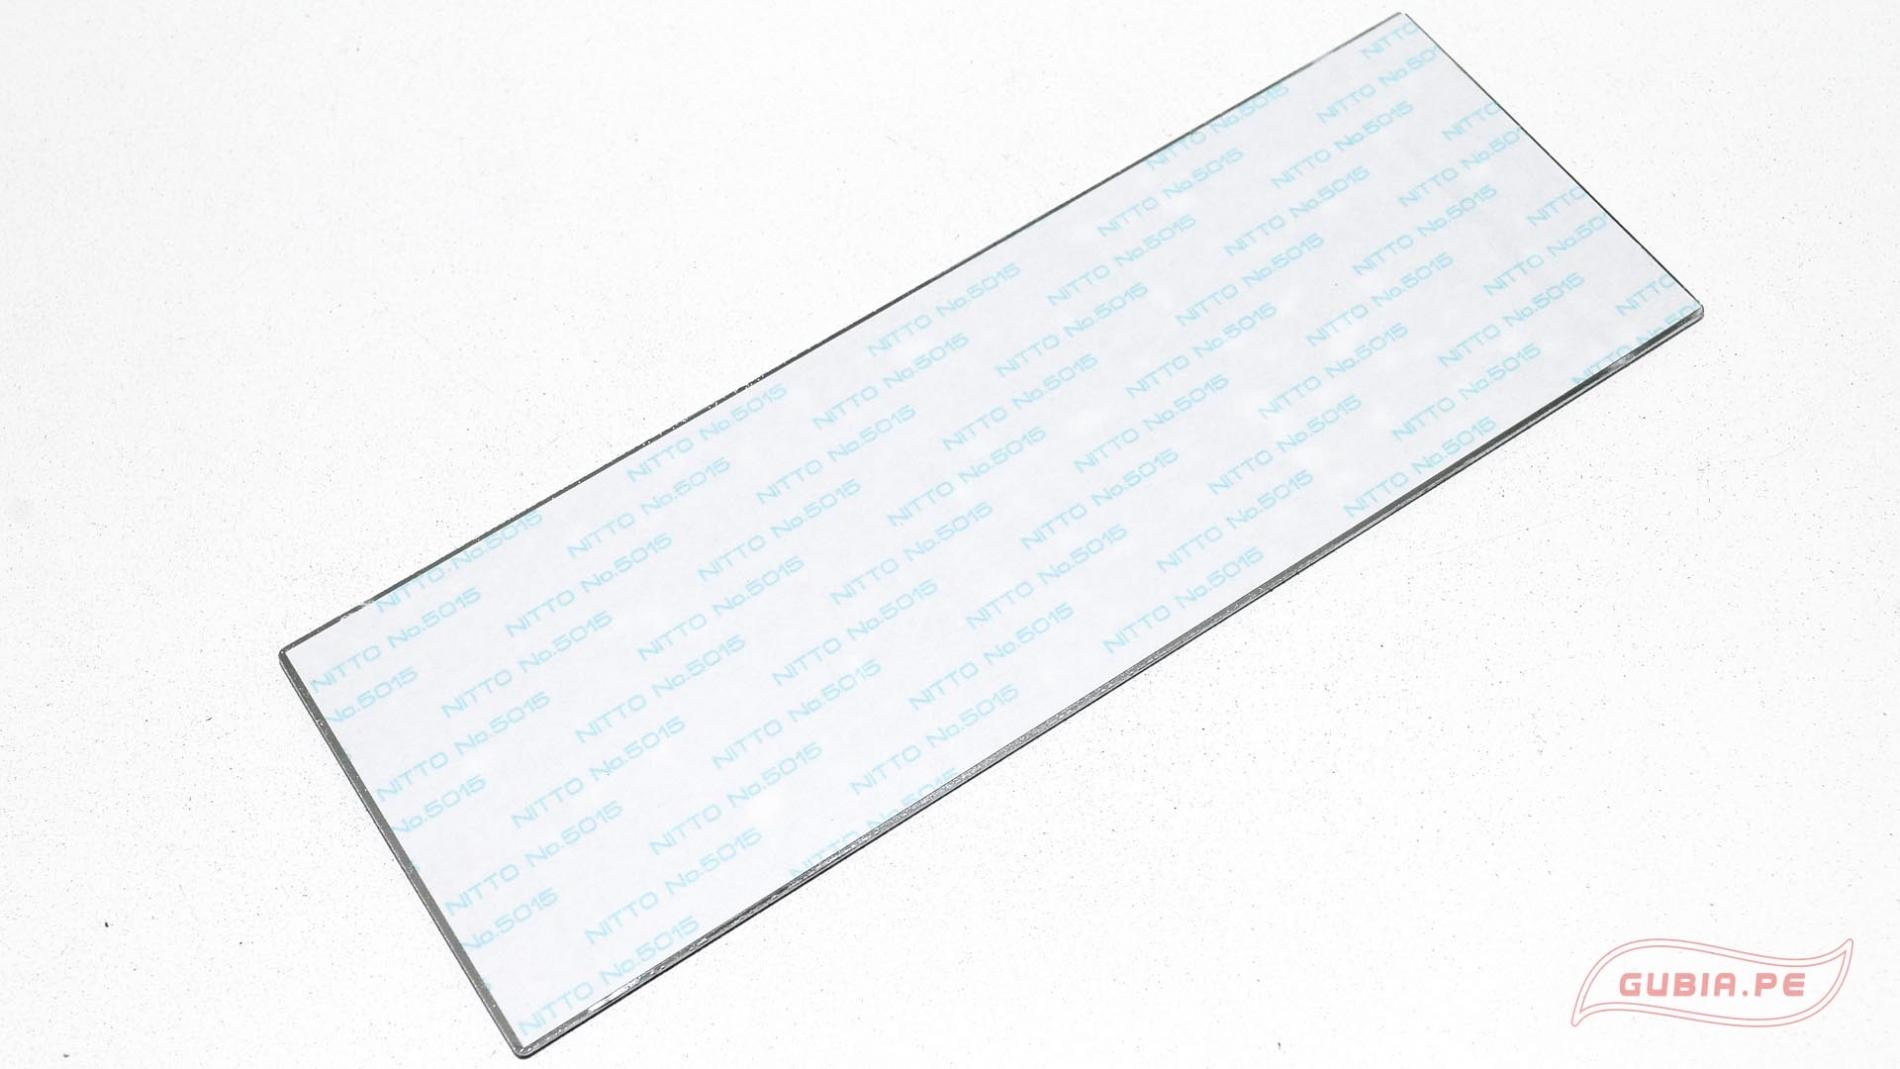 ATM75-1.4C-Placa diamantada inox 210x75x1mm grano 140 Atoma ATM75-1.4C-max-3.